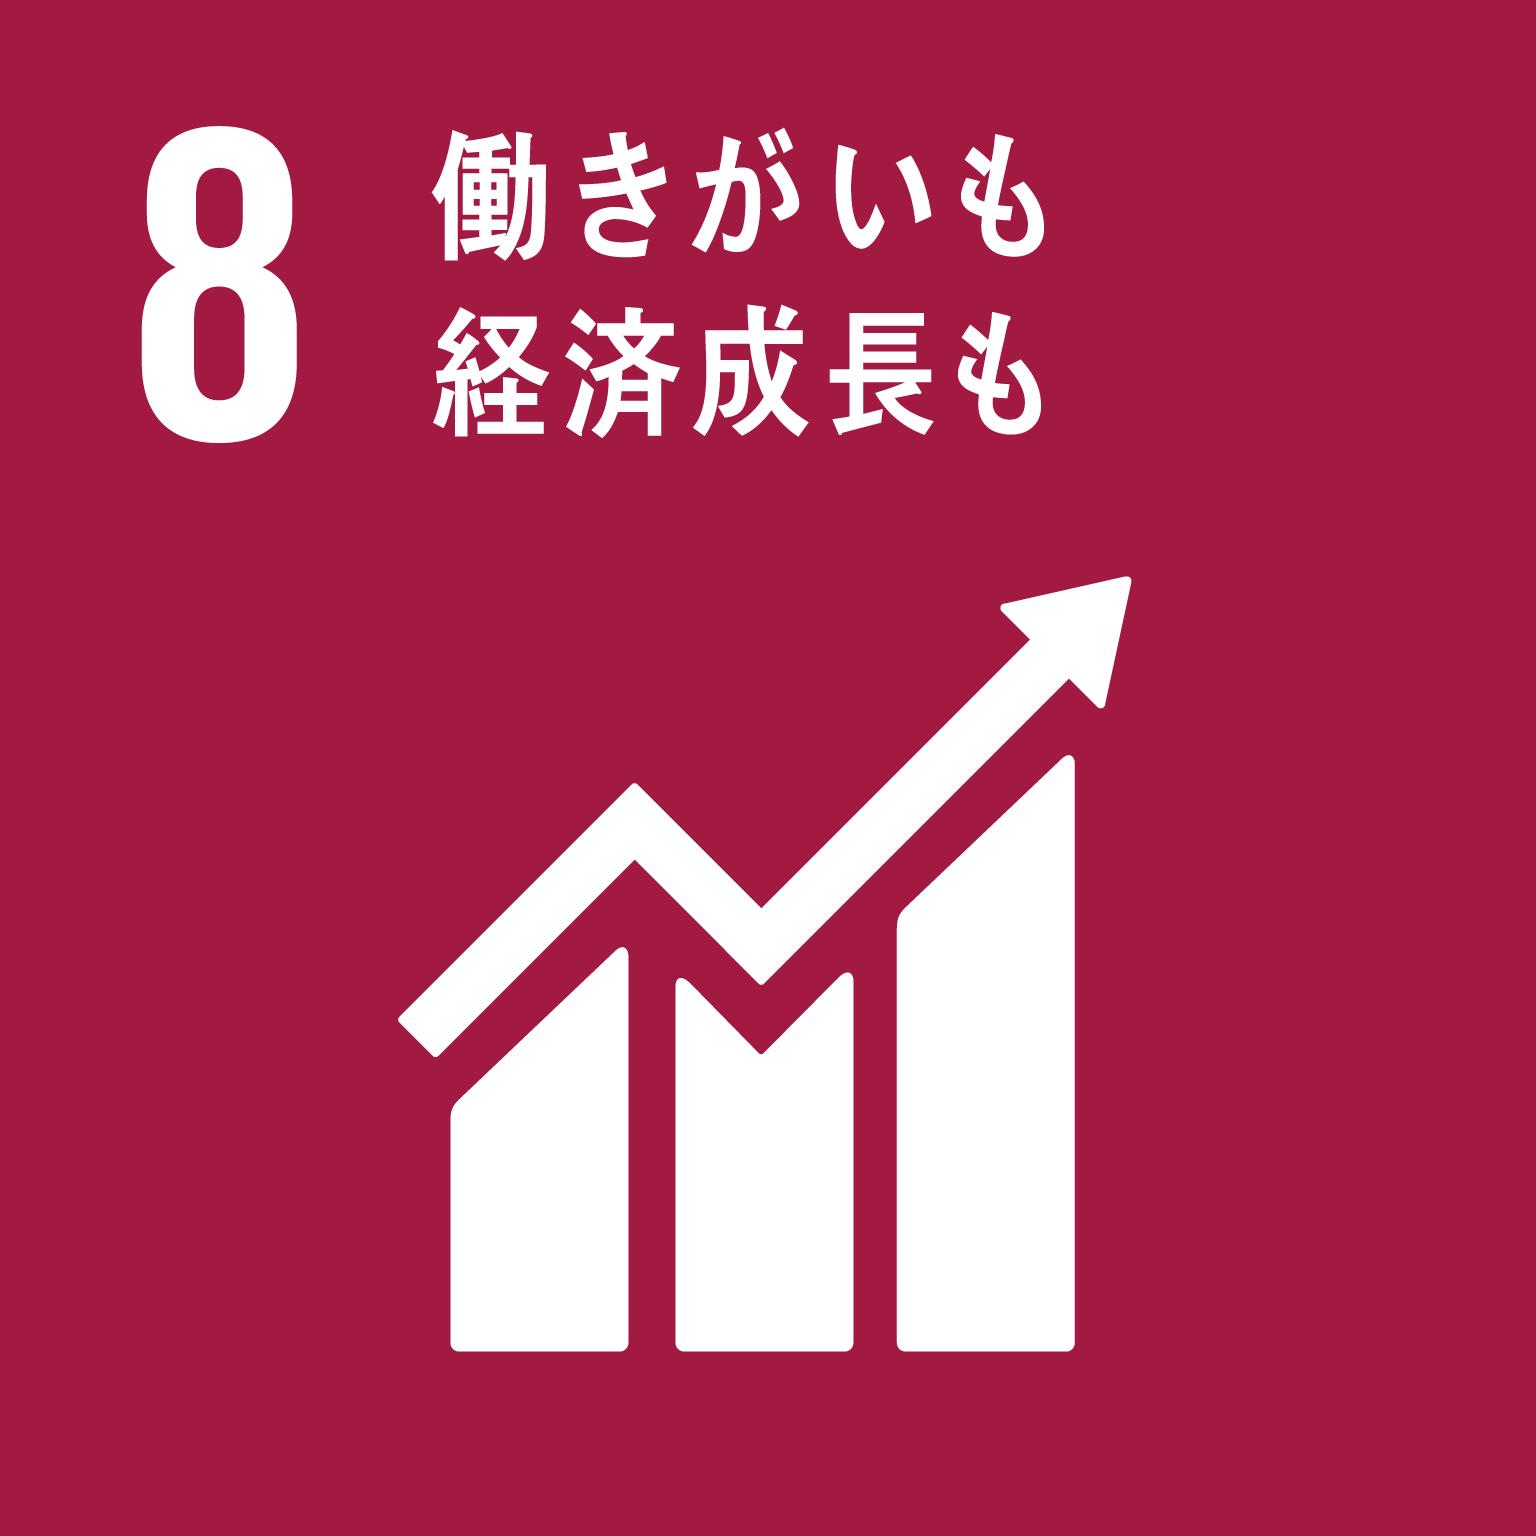 【ロゴ】SDGs08